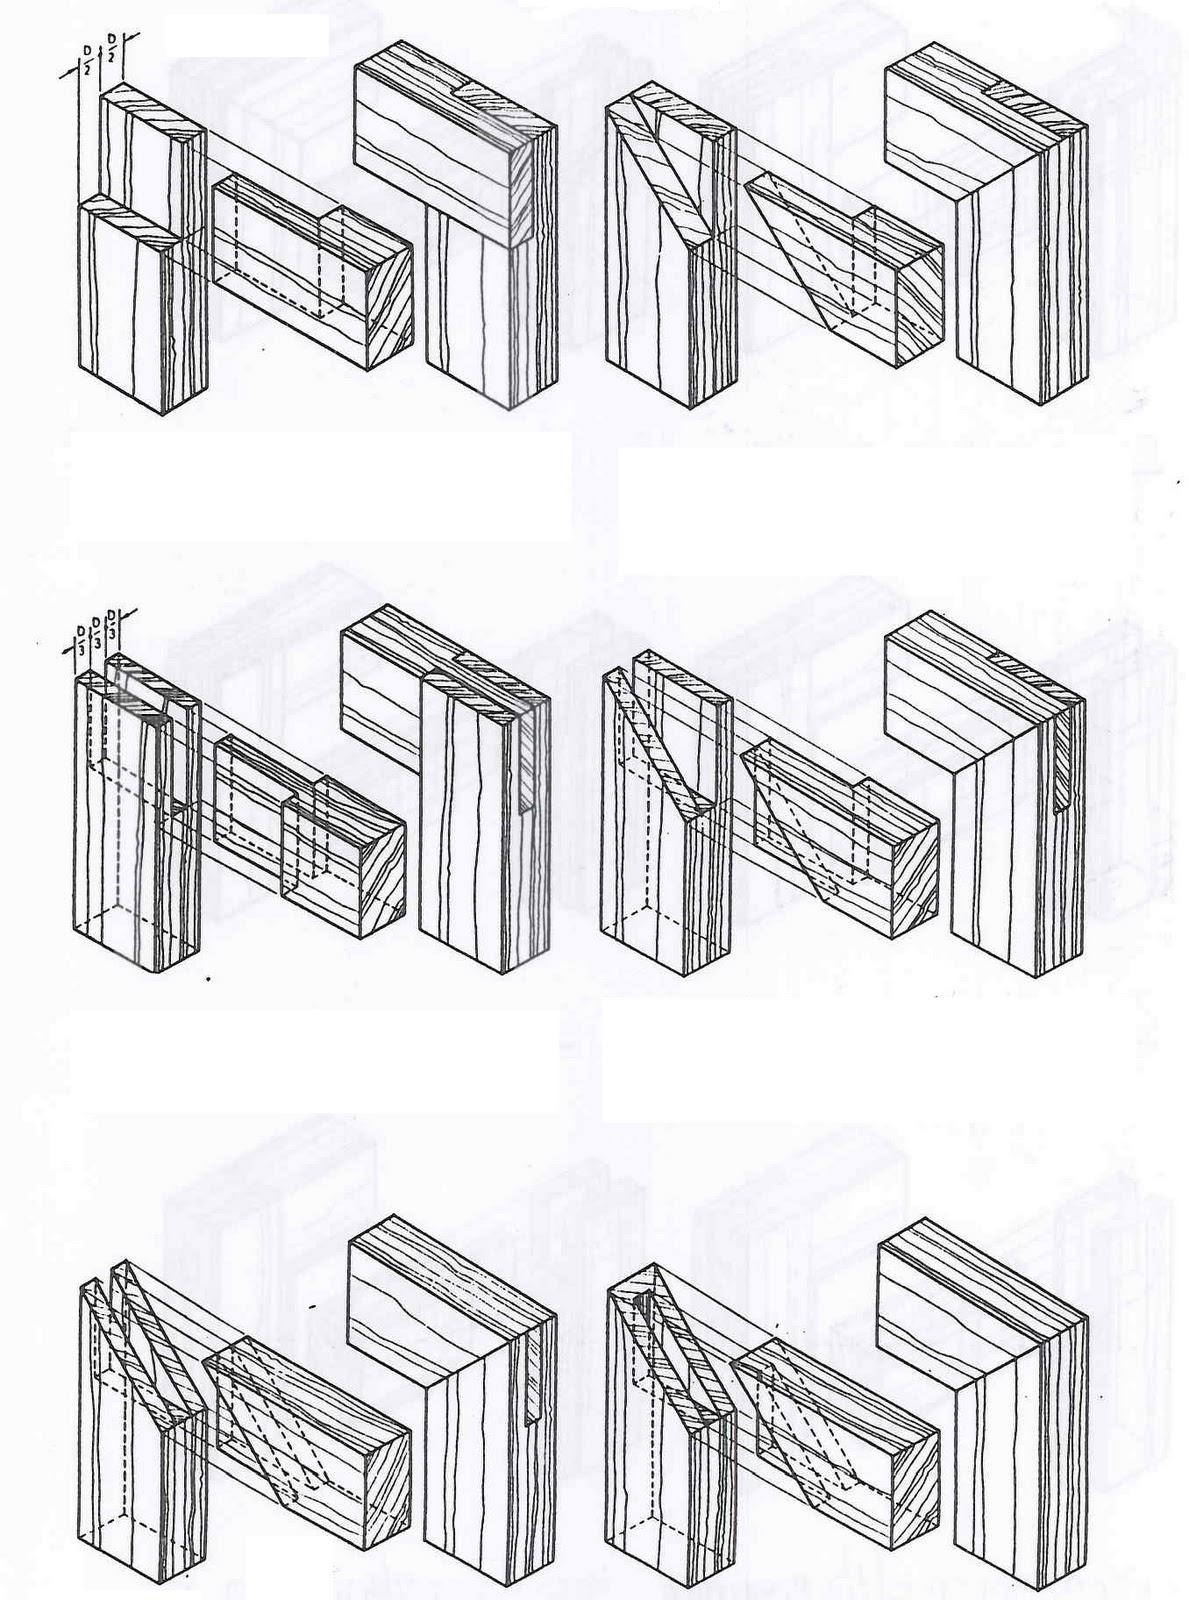 Encaixes em madeira para fabricação de móveis. #5D5D6E 1189x1600